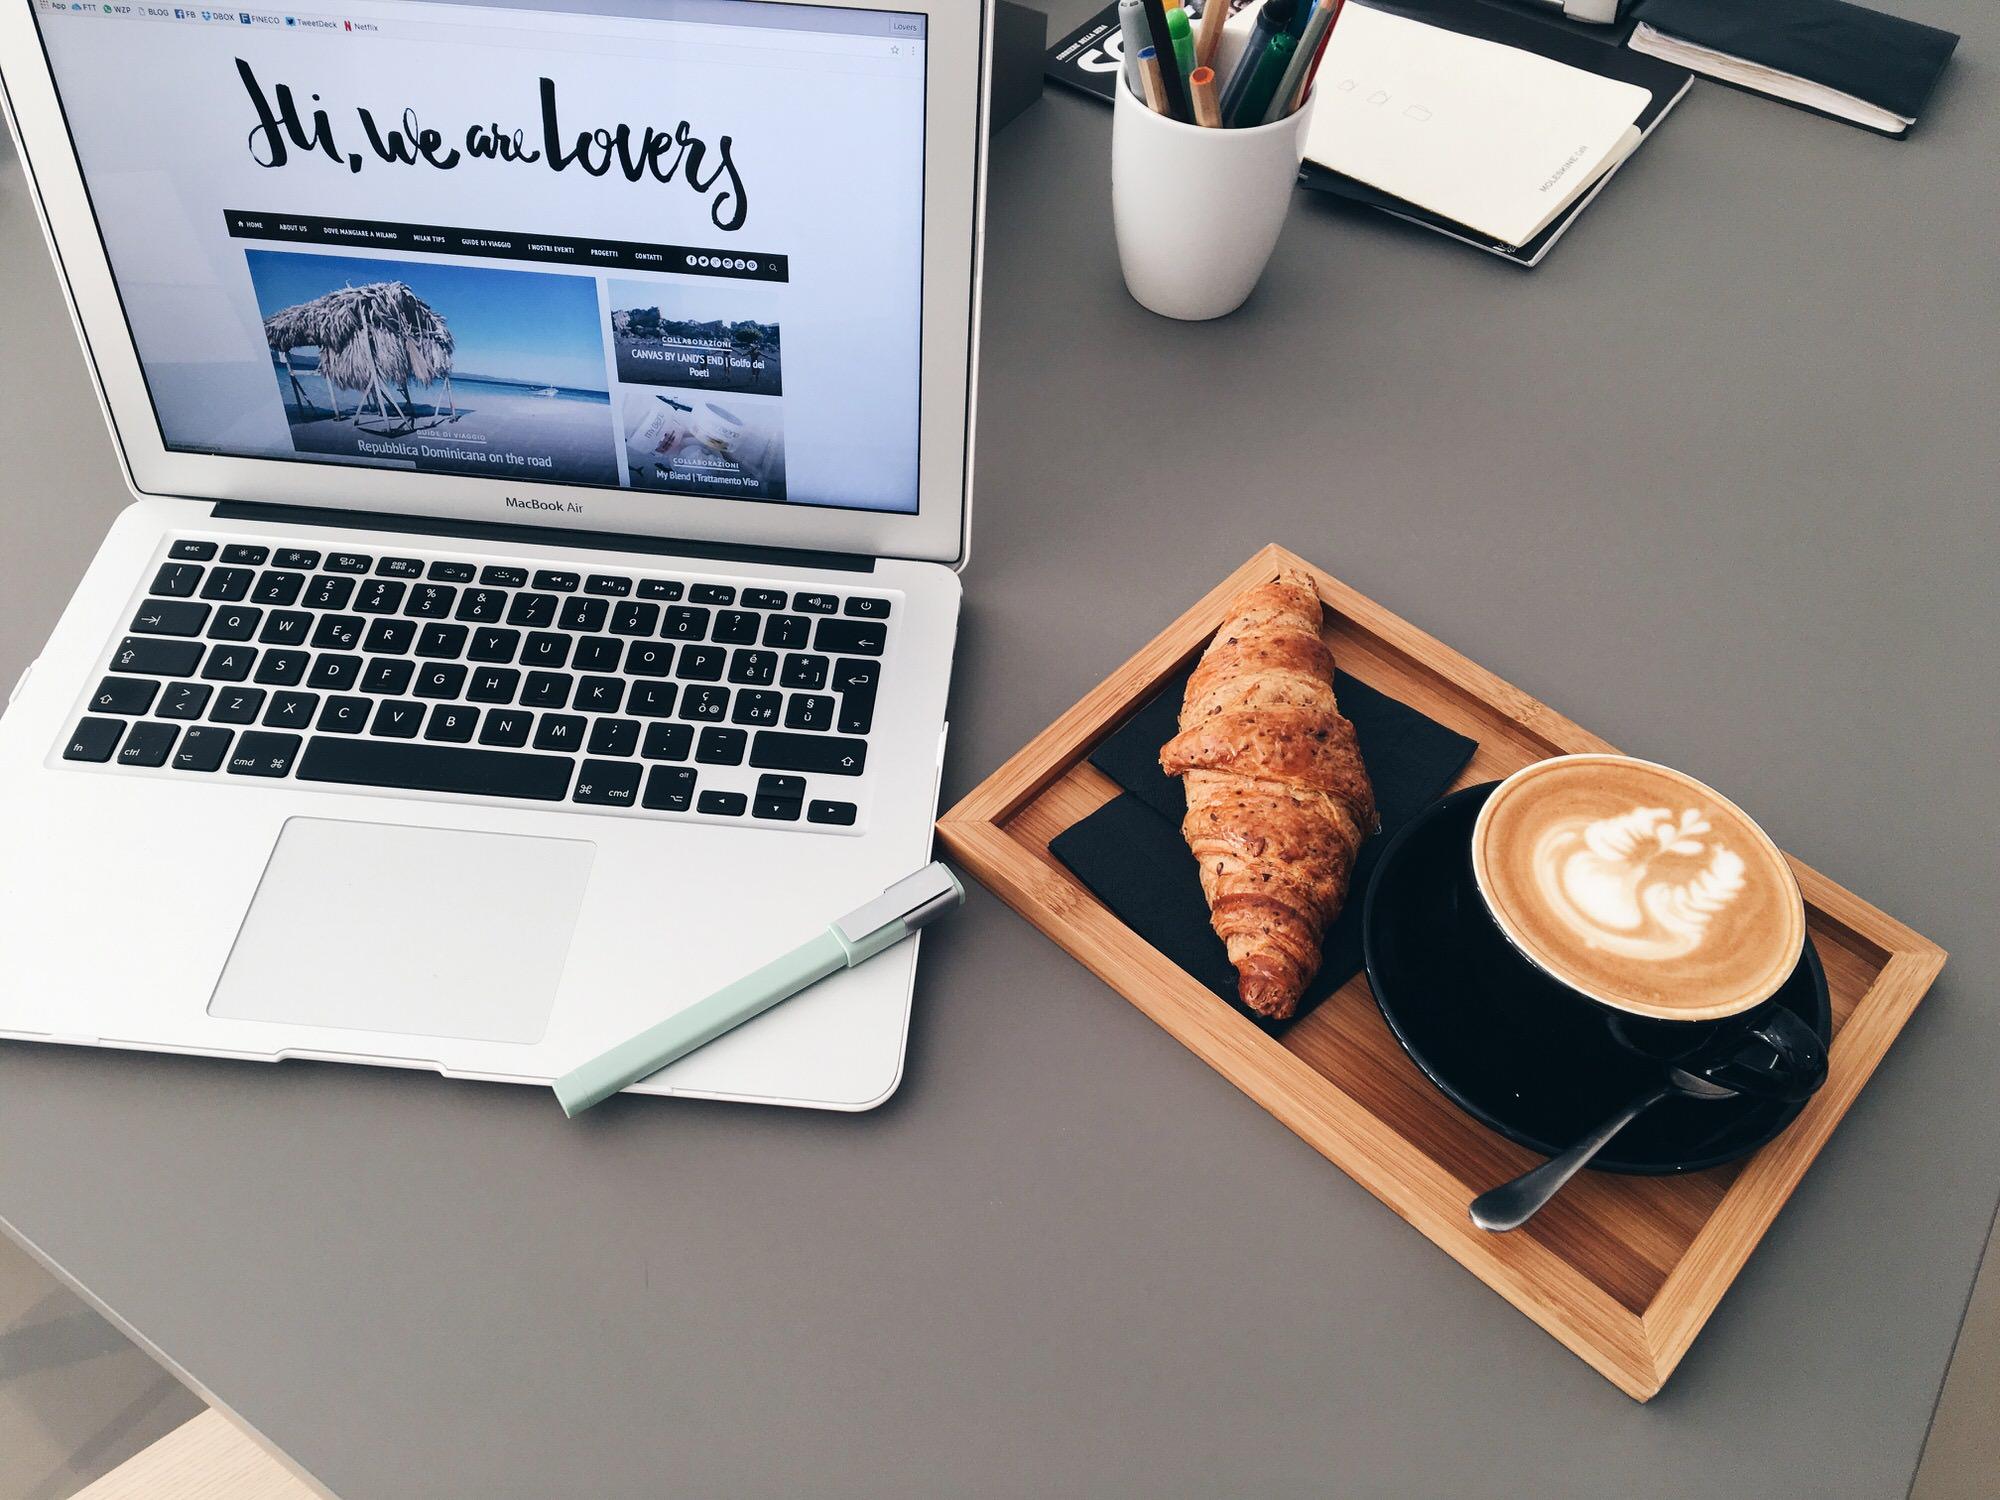 moleskine-cafe-gruppo-peroni-eventi-13